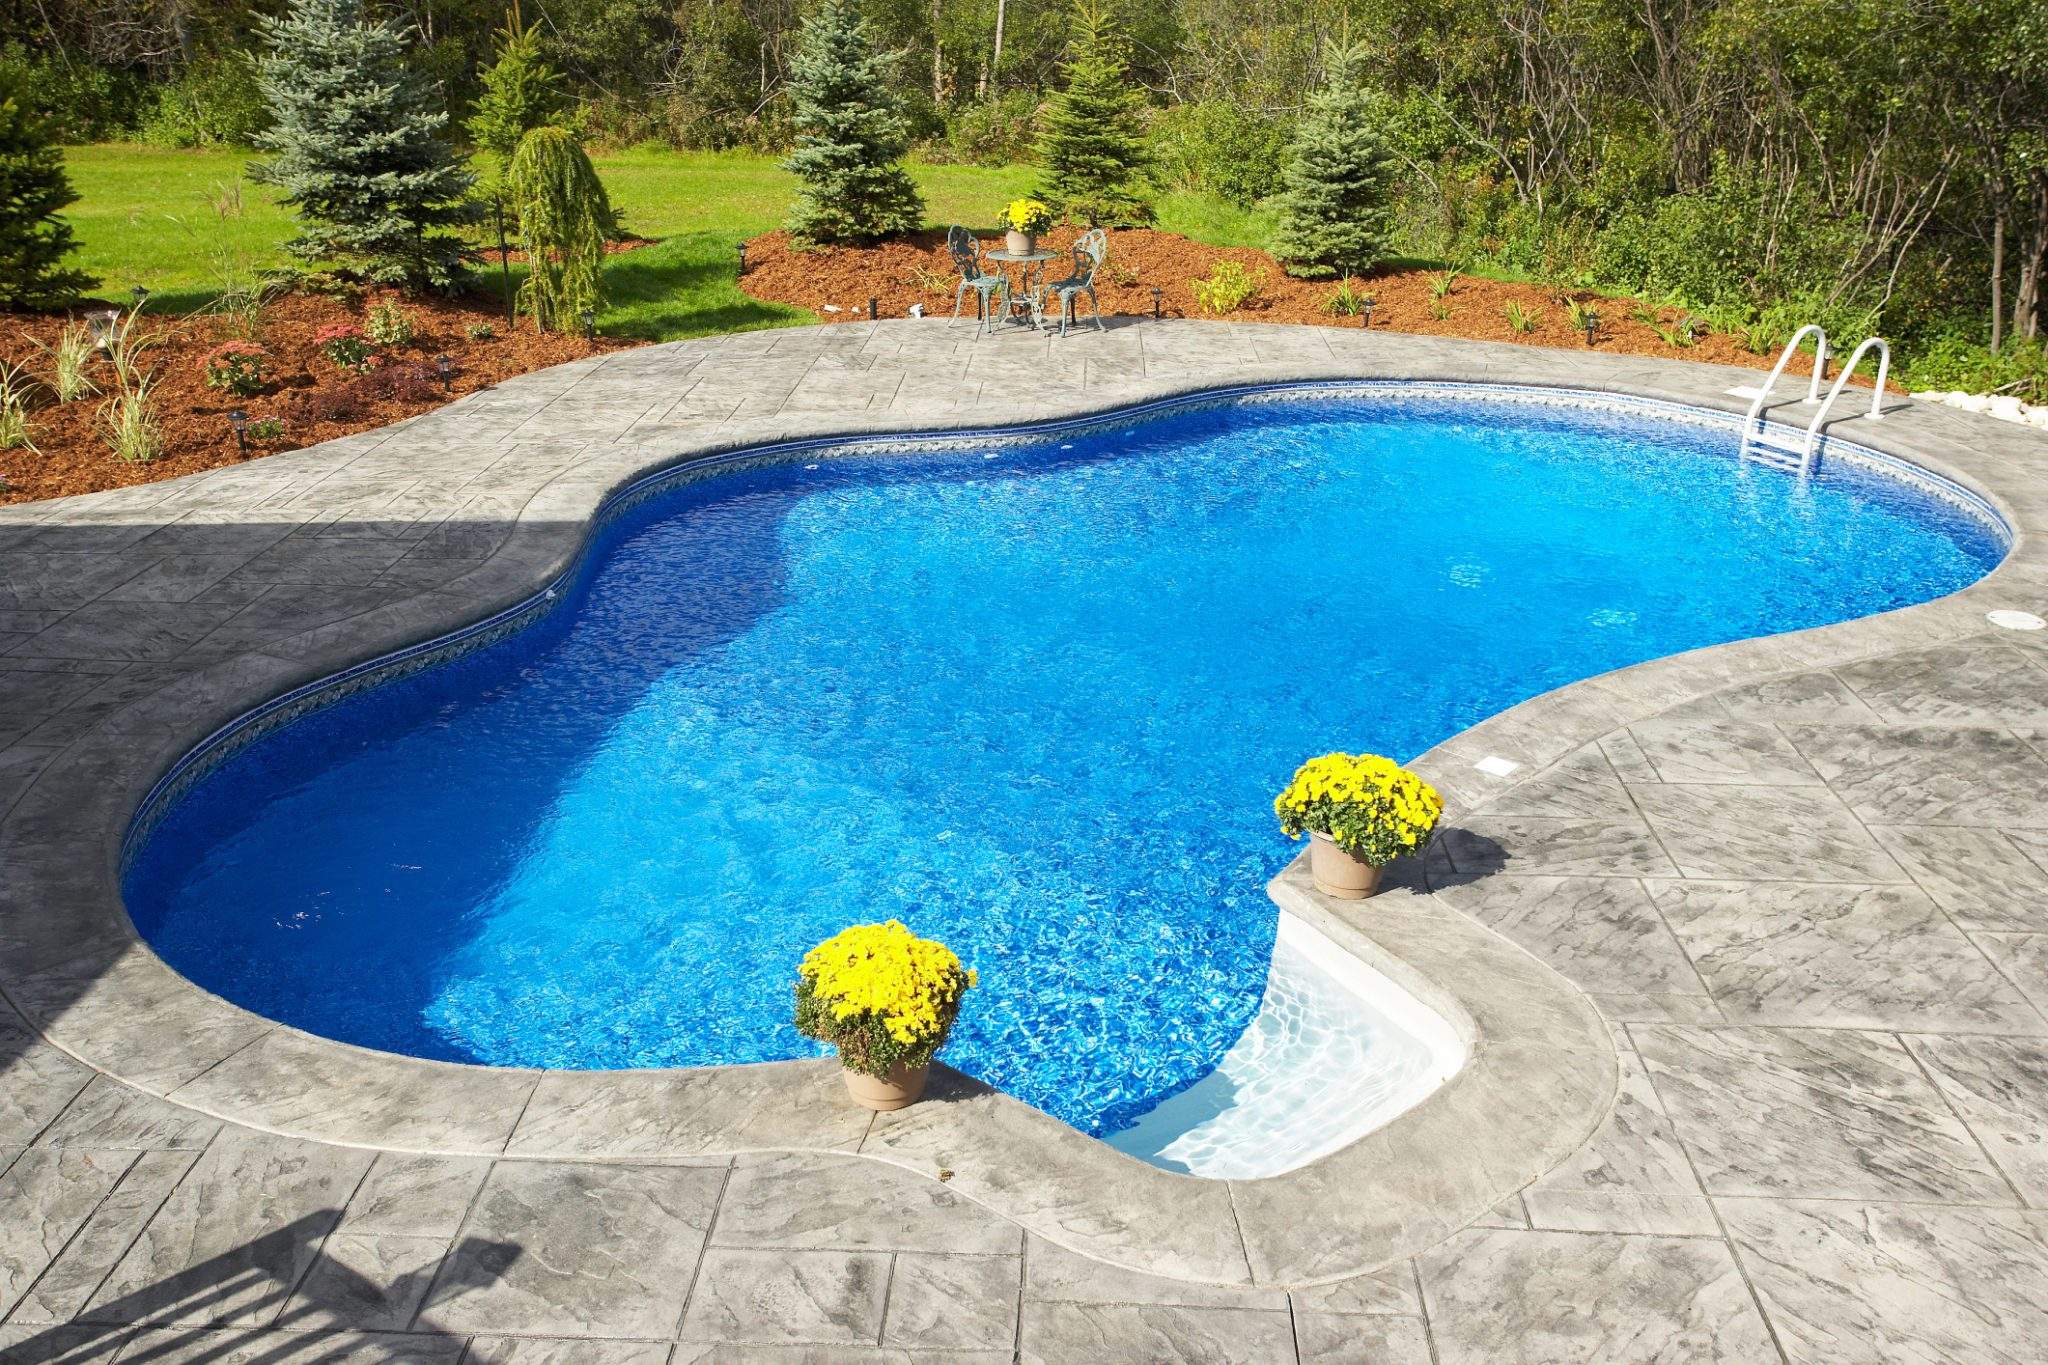 Pool Image 2.jpg